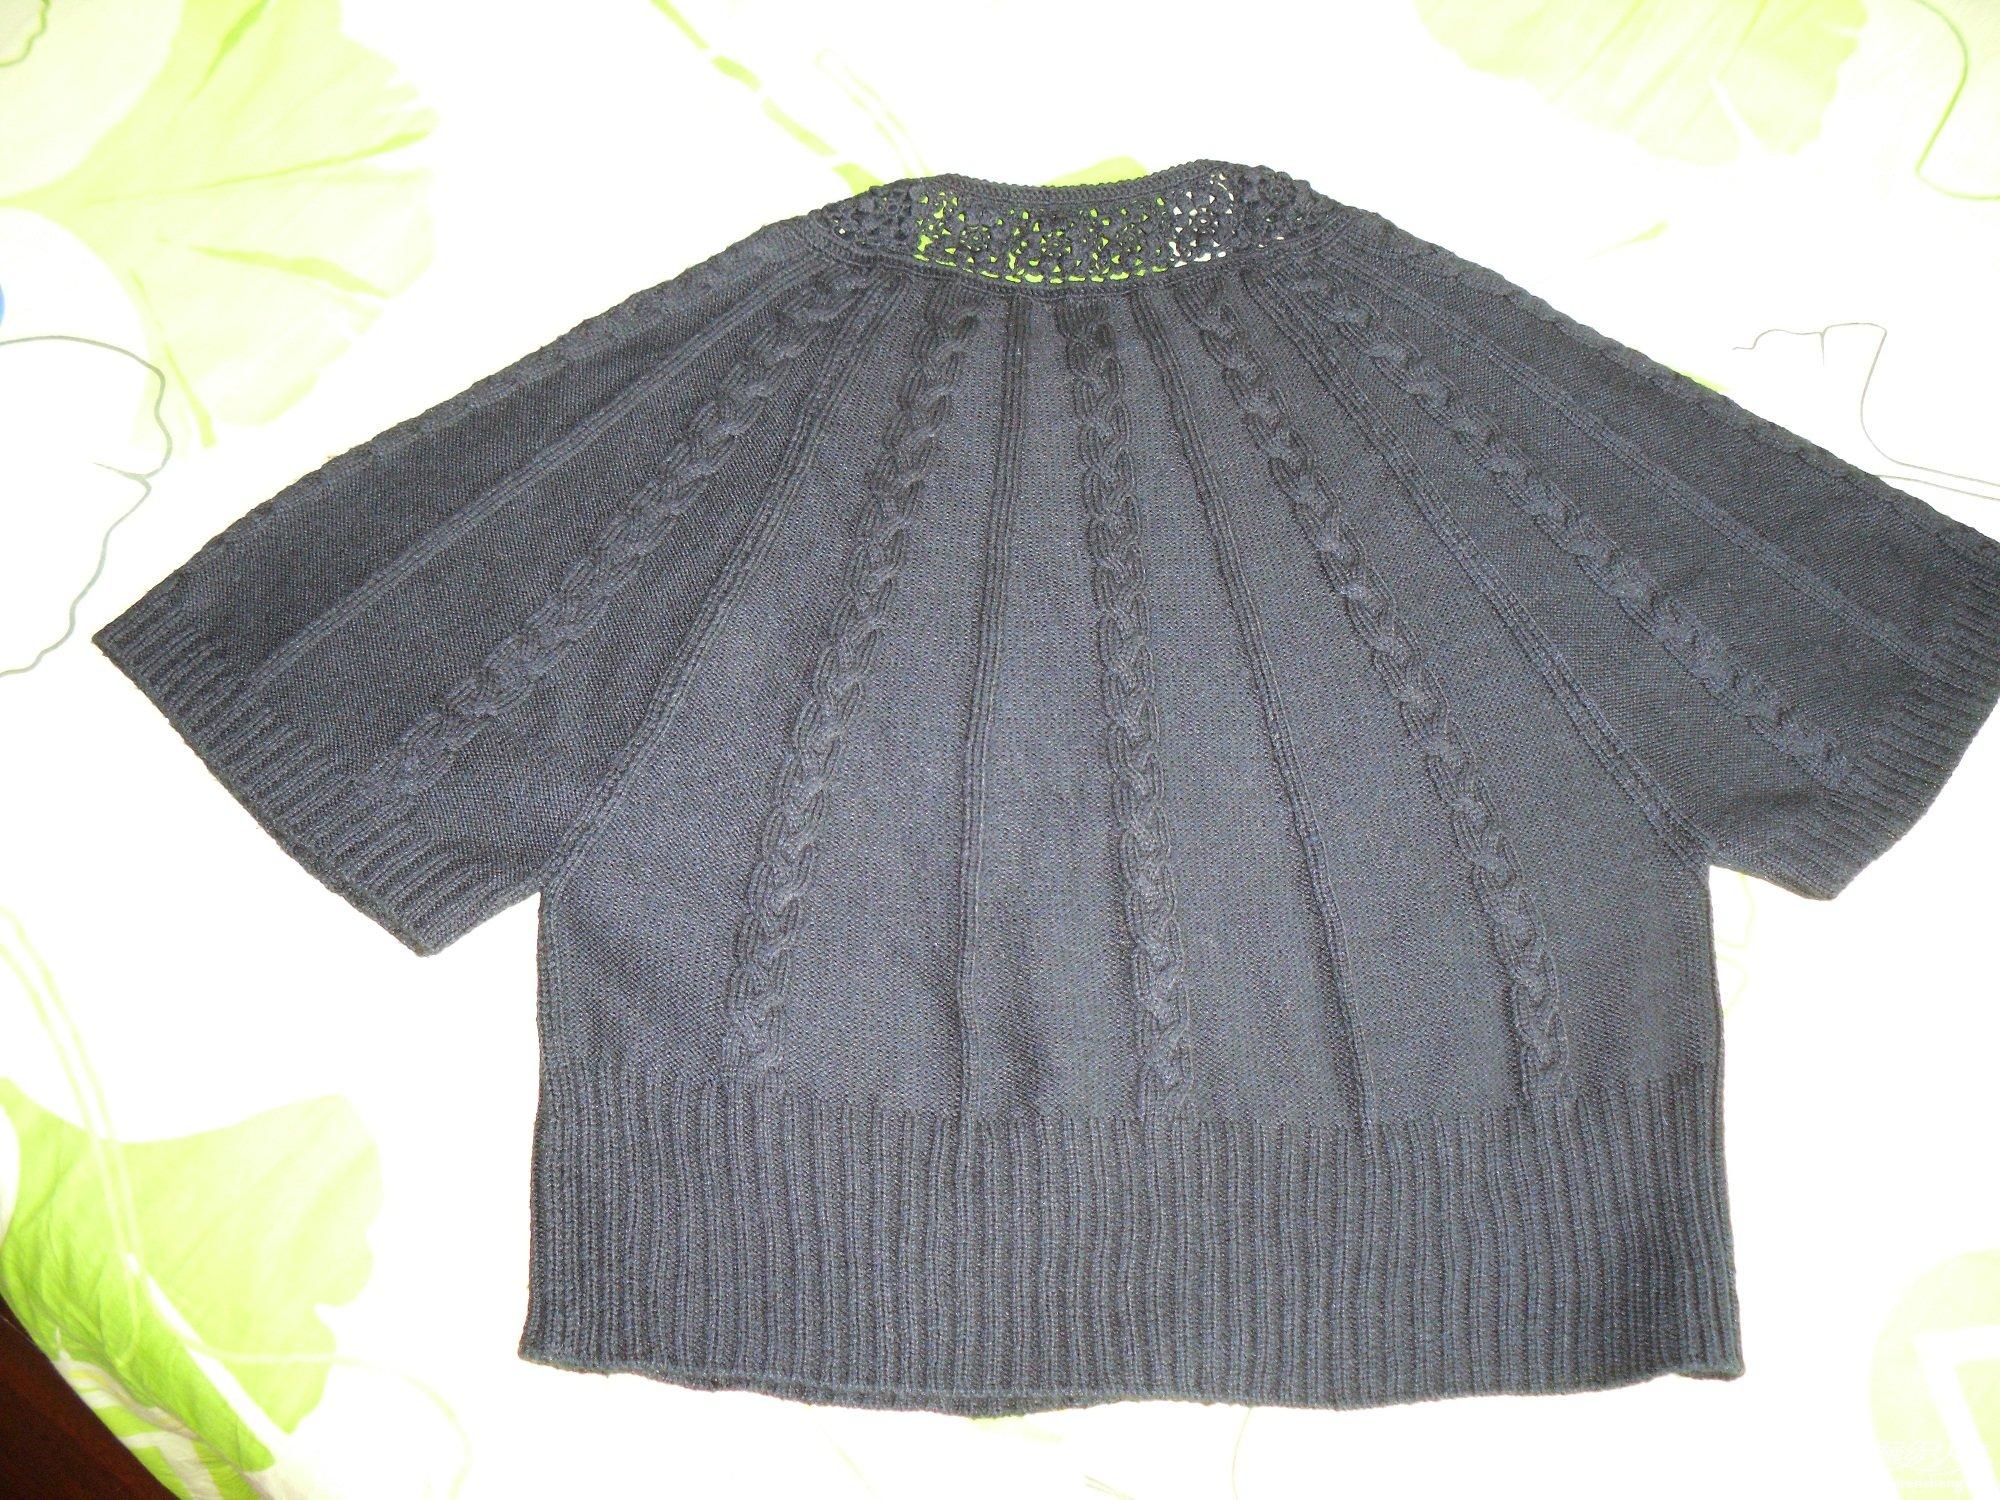 钩编组合七分中短袖开衫2.JPG